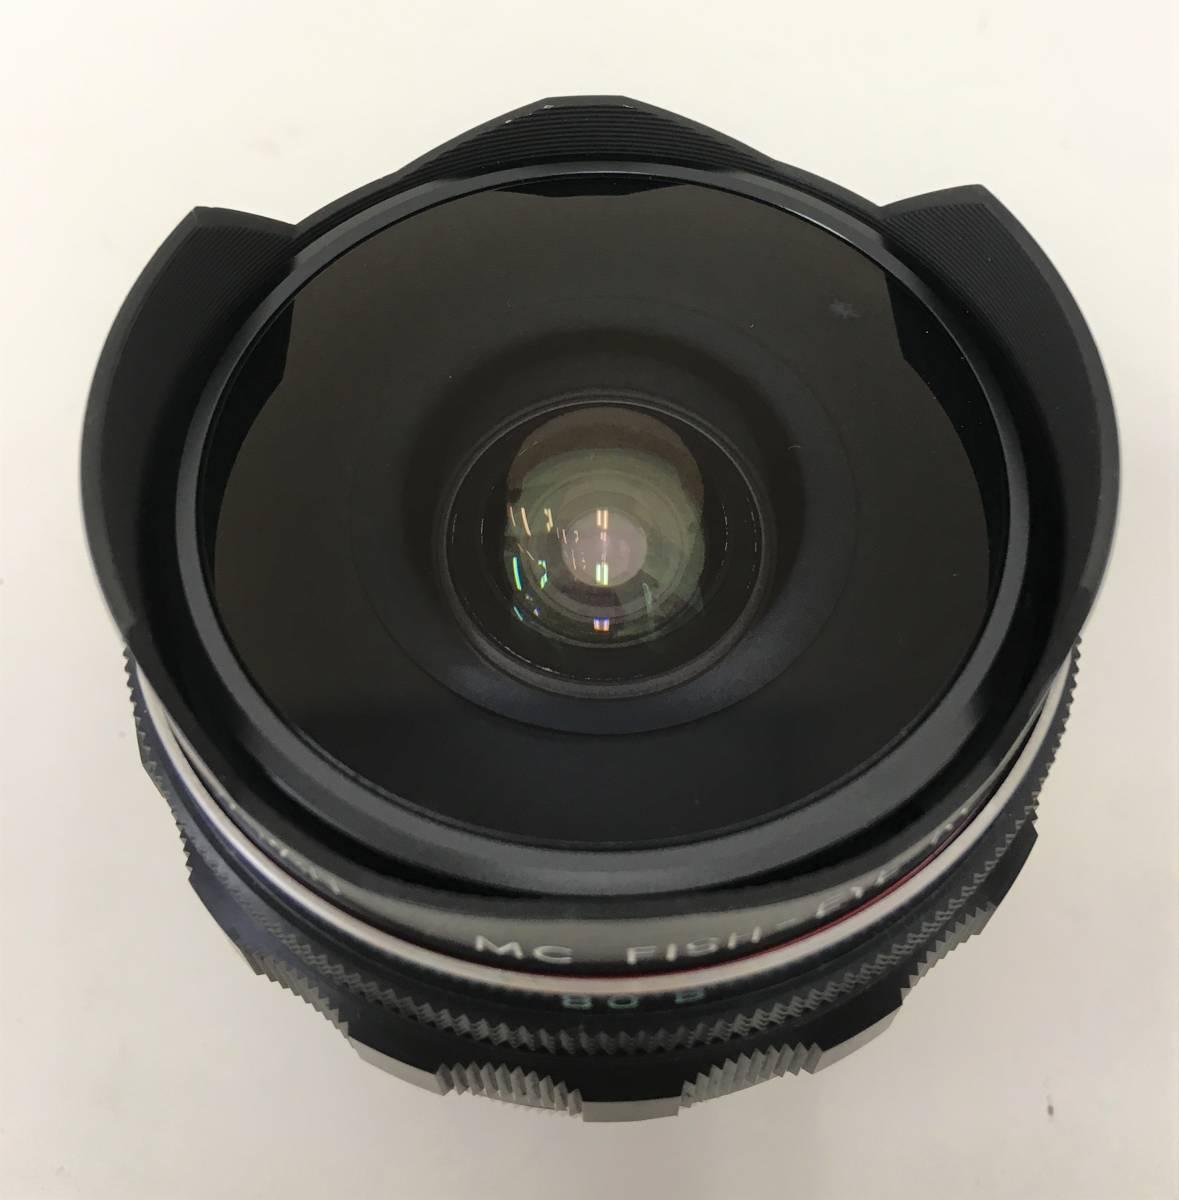 【ミノルタ 魚眼レンズ 1:2.8 F=!6mm】MINOLTA/MC FISH-EYE ROKKOR-OK(1502212)/ケース・キャップ付/A5830_画像8